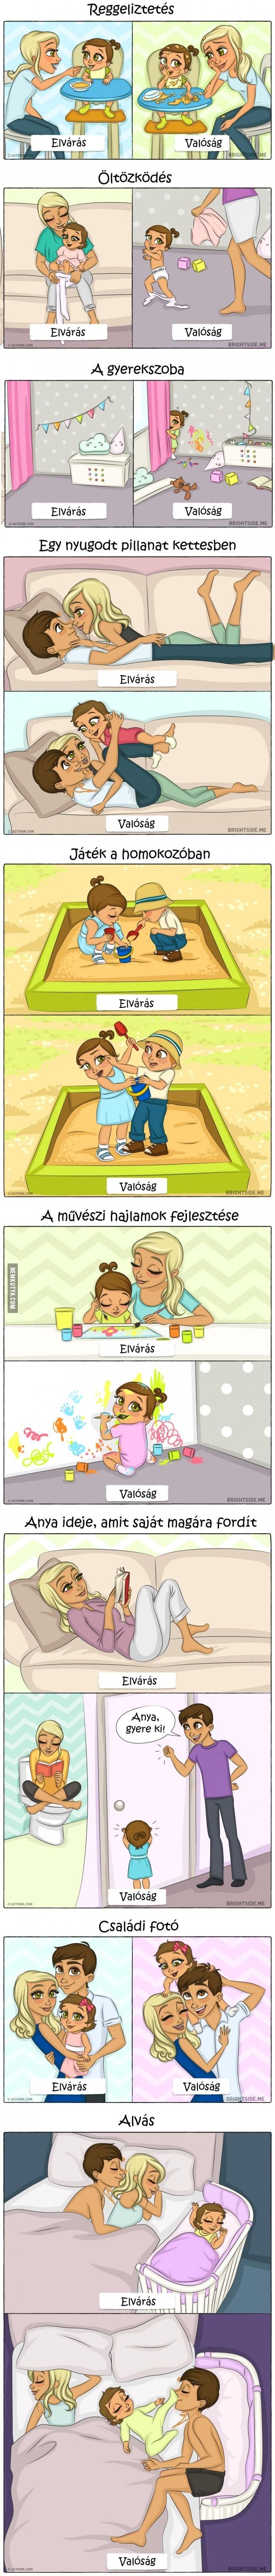 Gyereknevelés: Elvárás vs. valóság - 9 tündéri illusztrációban